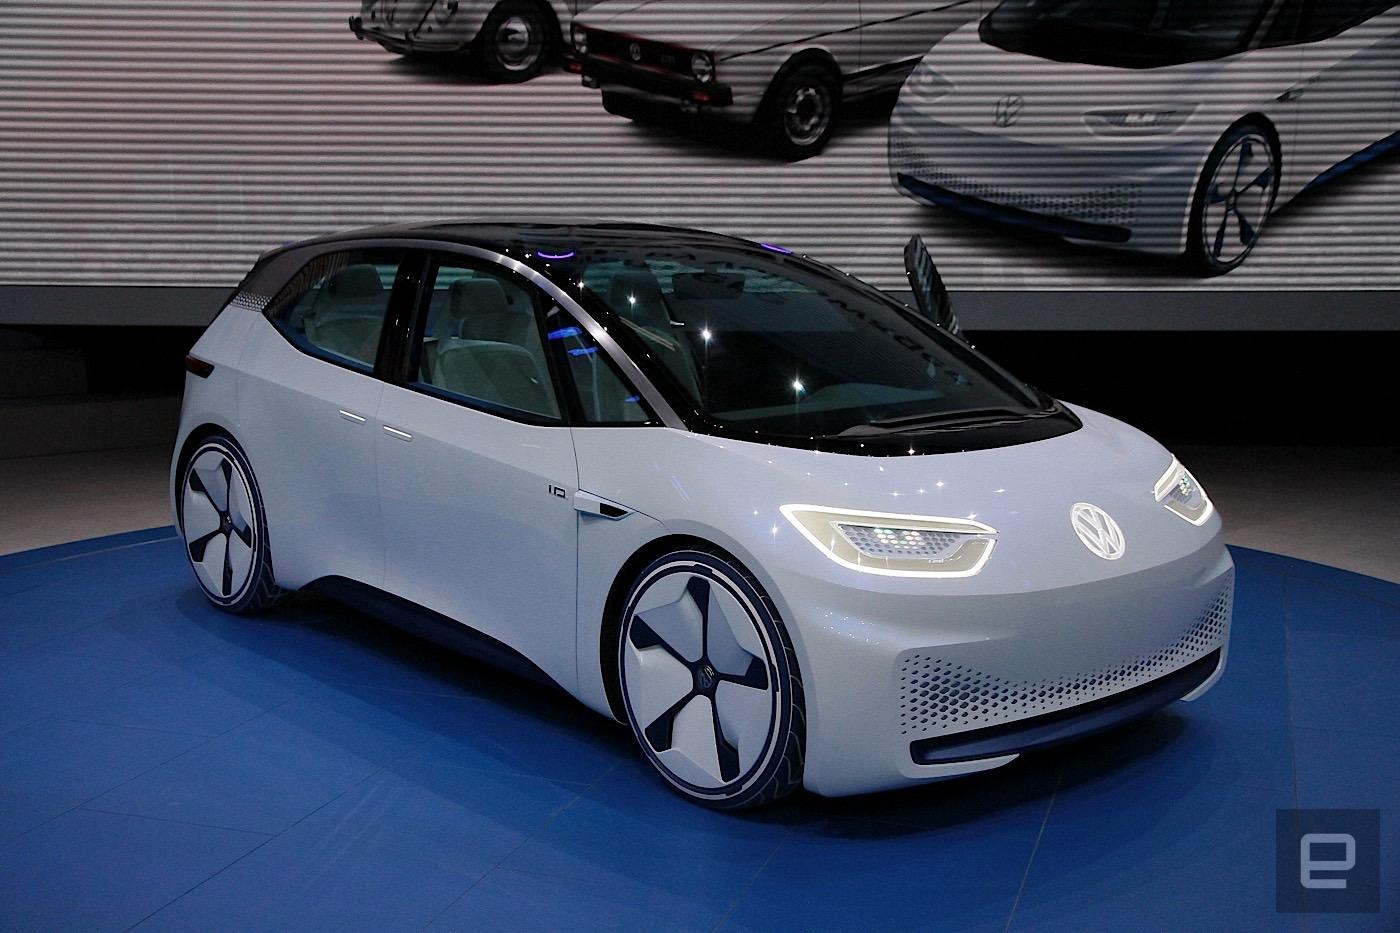 德國朝向 2030 年終止所有內燃機車輛銷售的方向前進